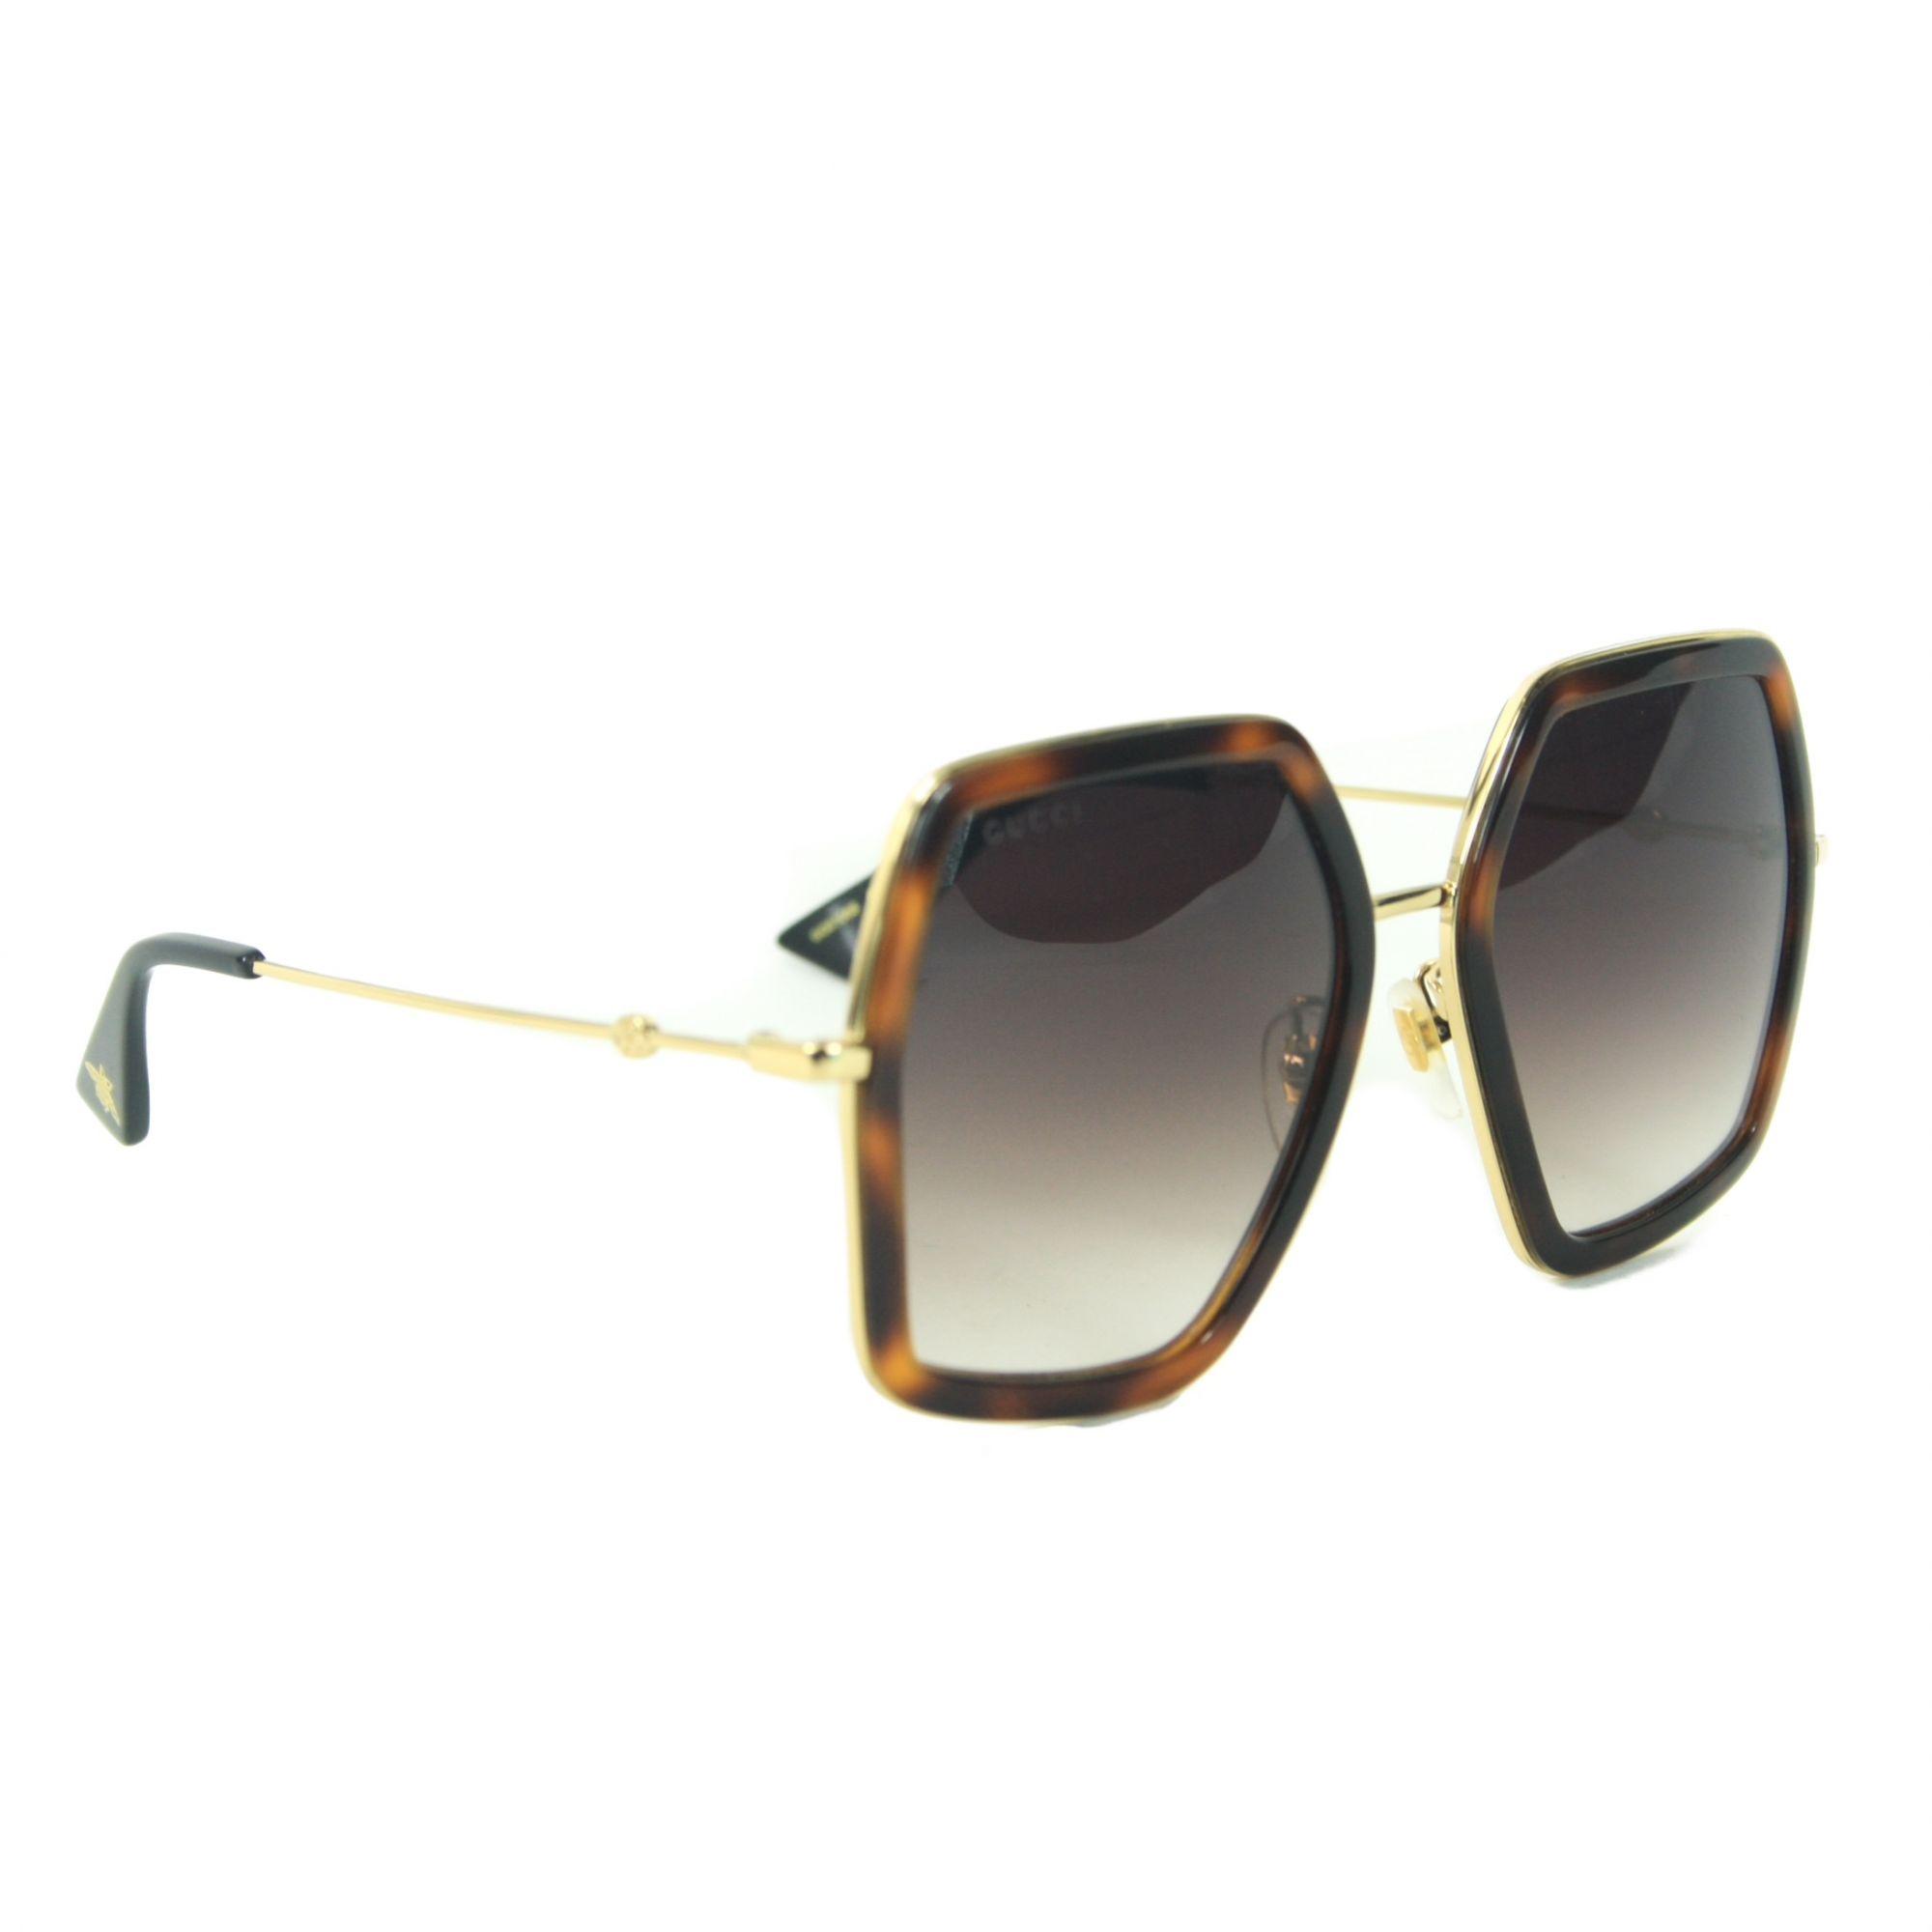 GG Square Sunglasses